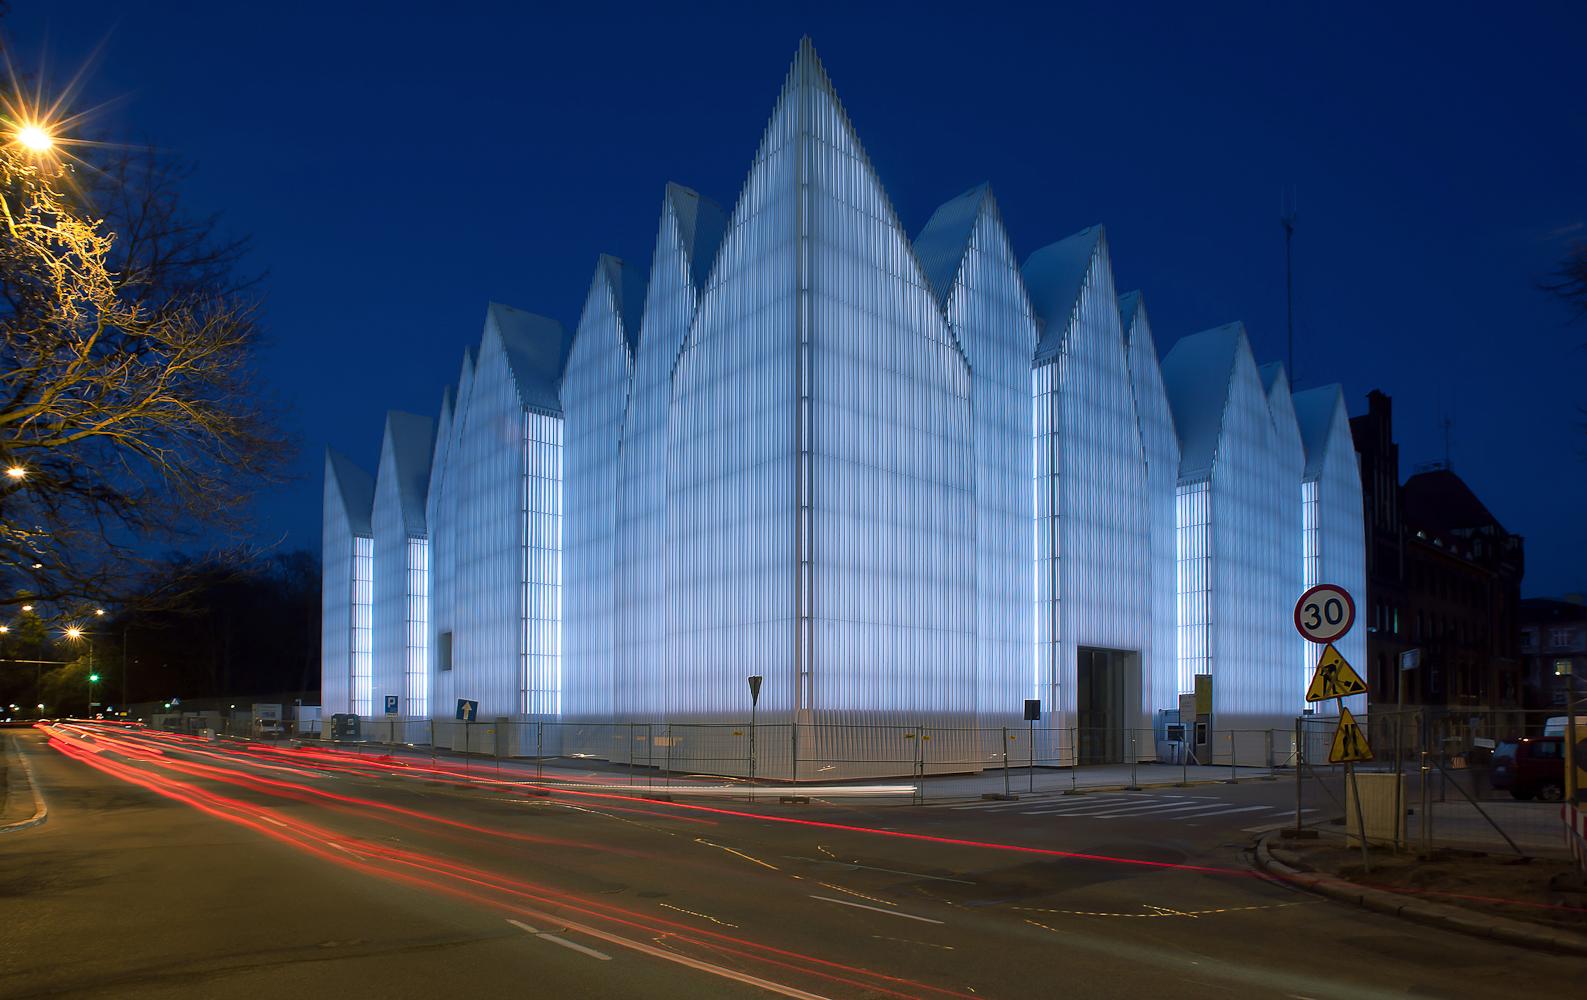 Architektoniczna reprezentacja Polski [zdjęcia]